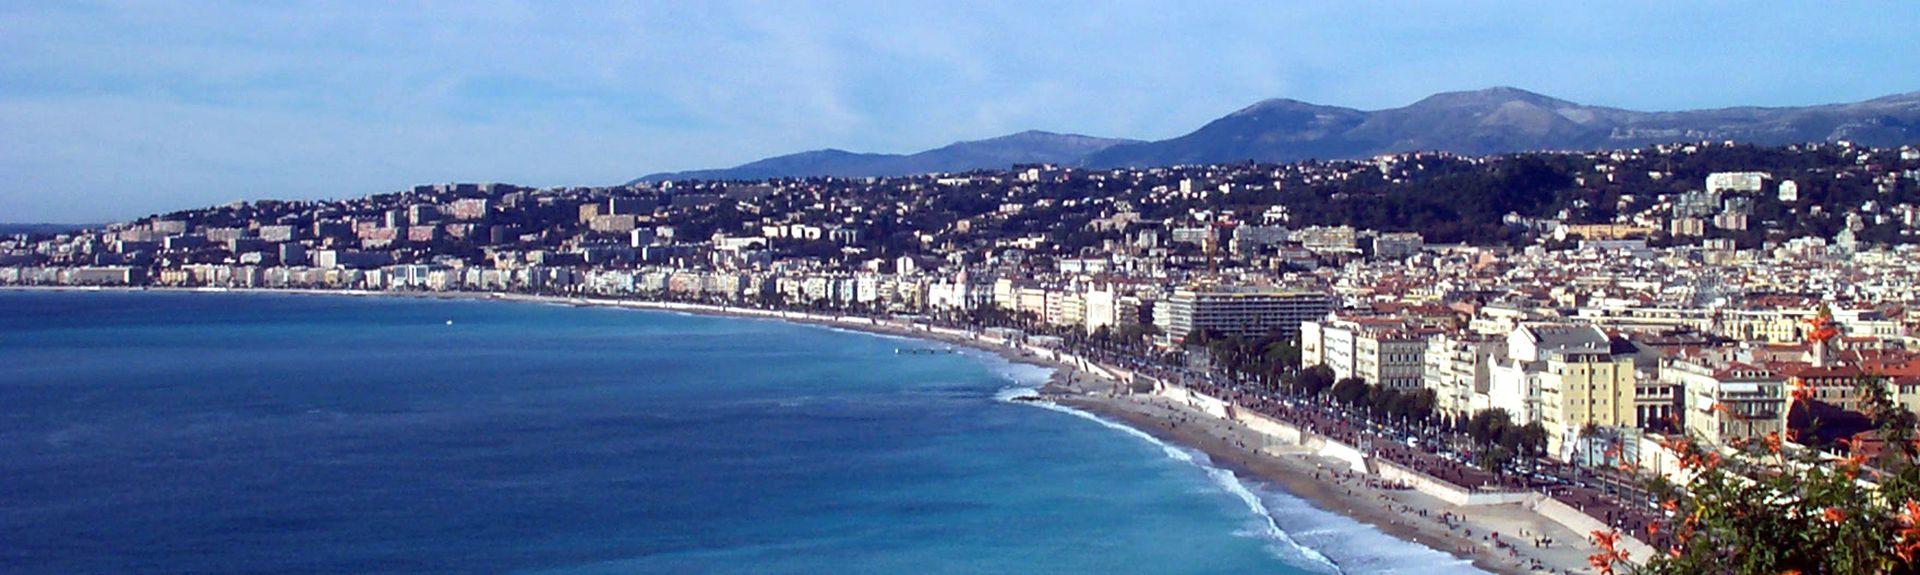 Cap-d'Ail, France